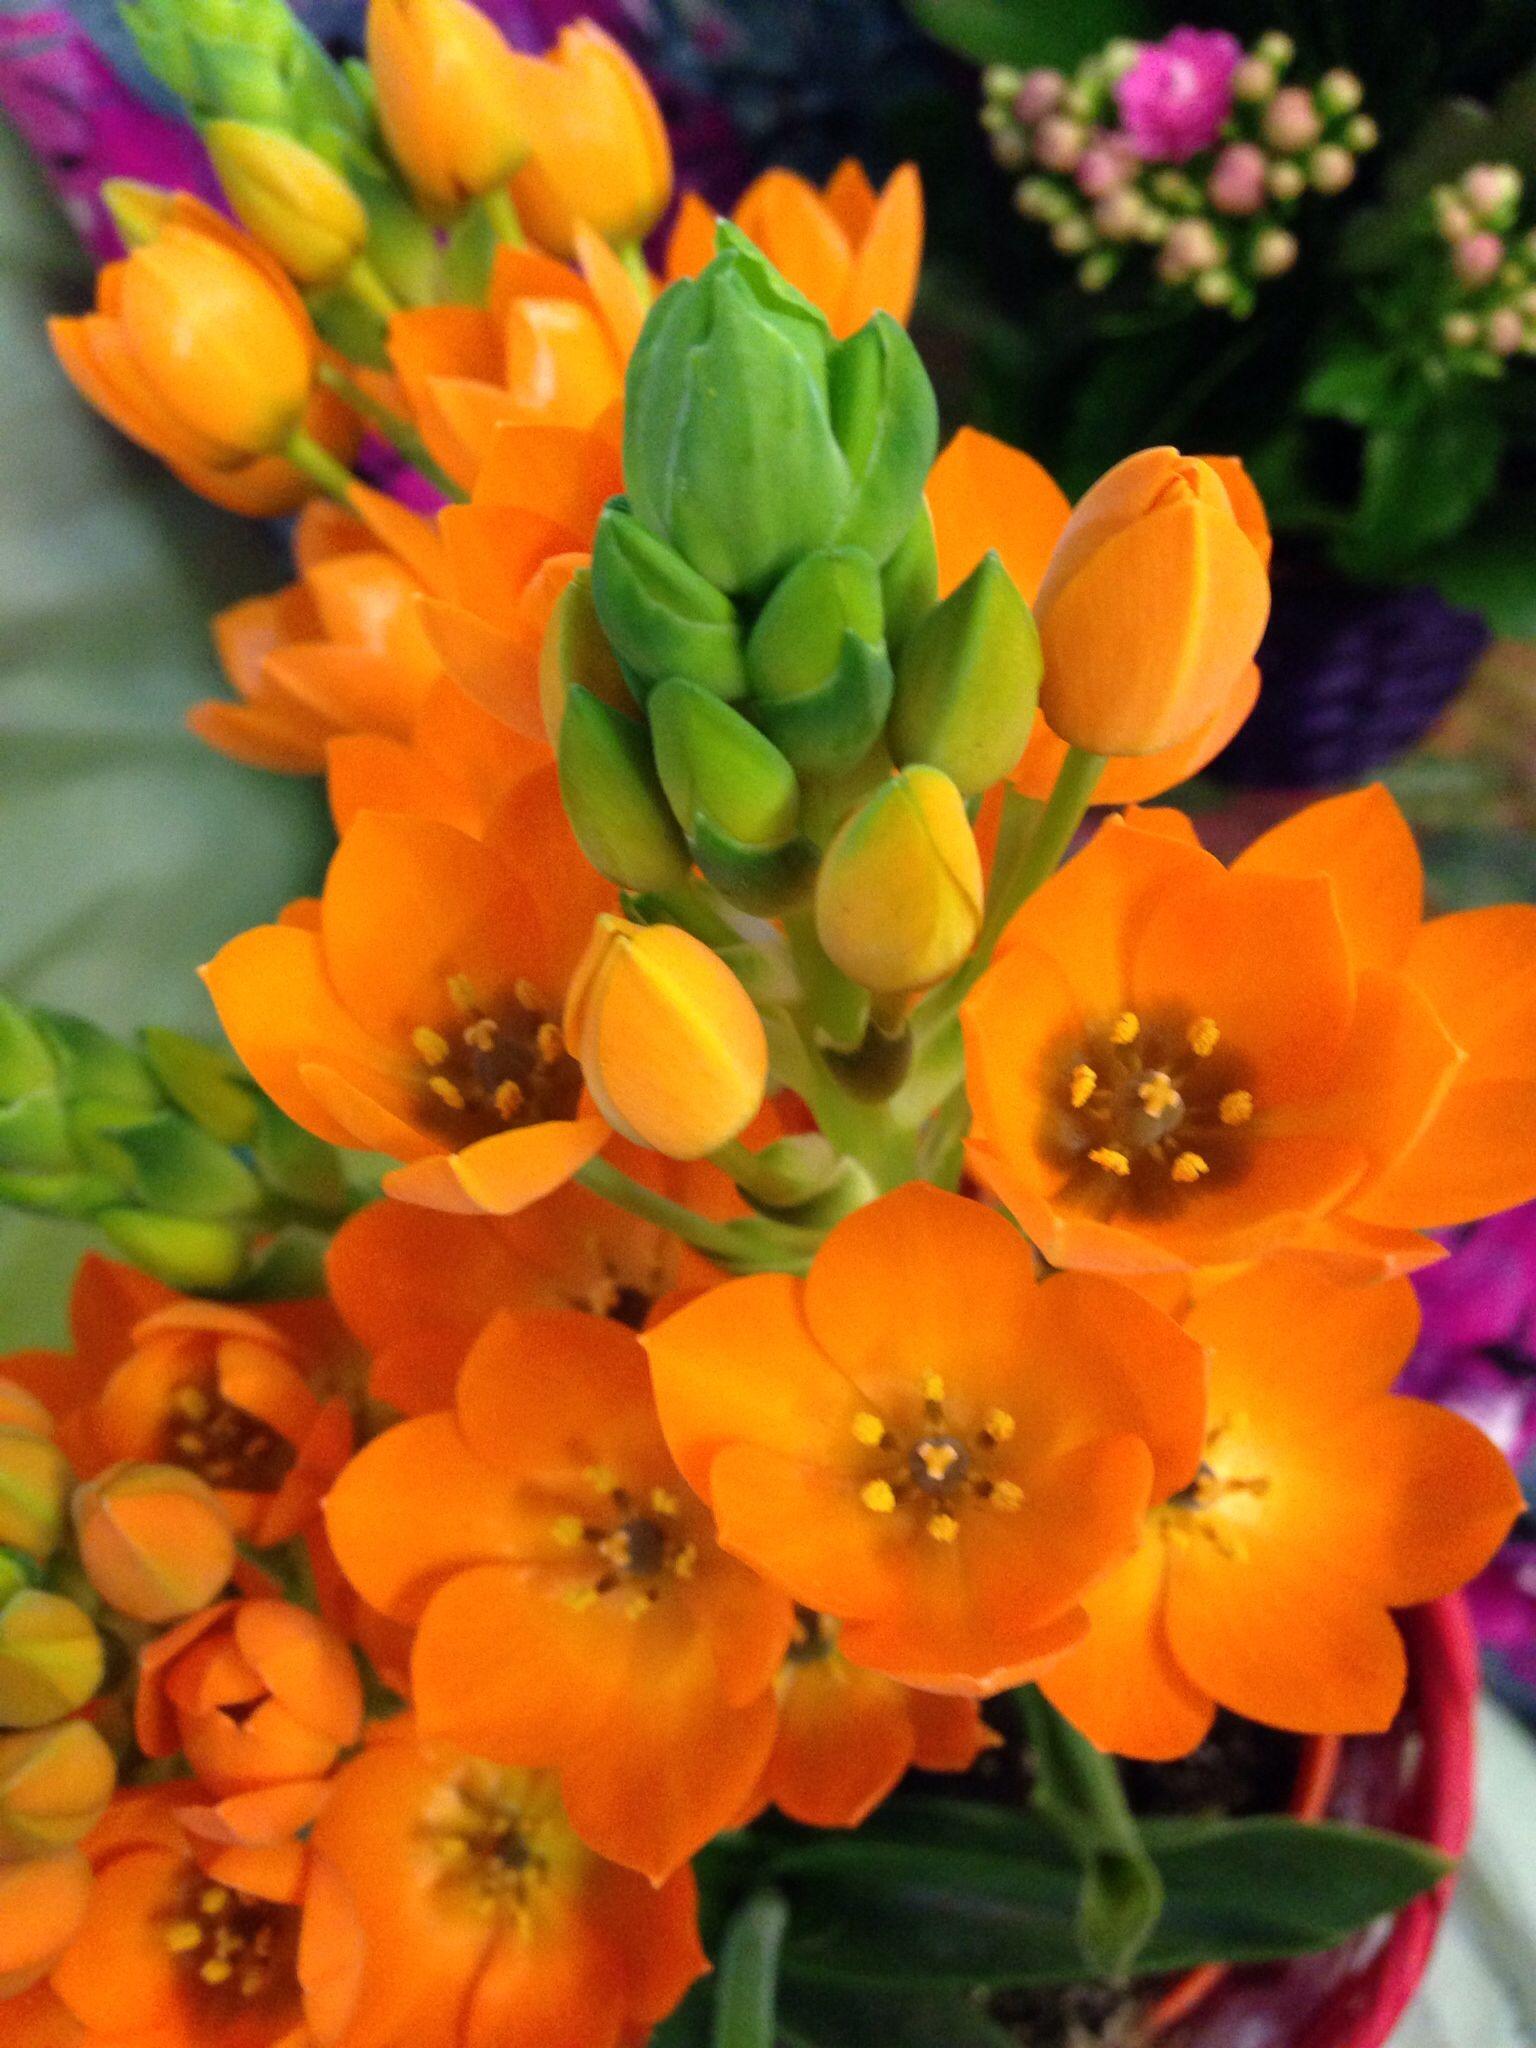 Piante Da Appartamento Ornitogallo.Ornitogallo Arancione Stilettate Fiori Arancione E Giardino